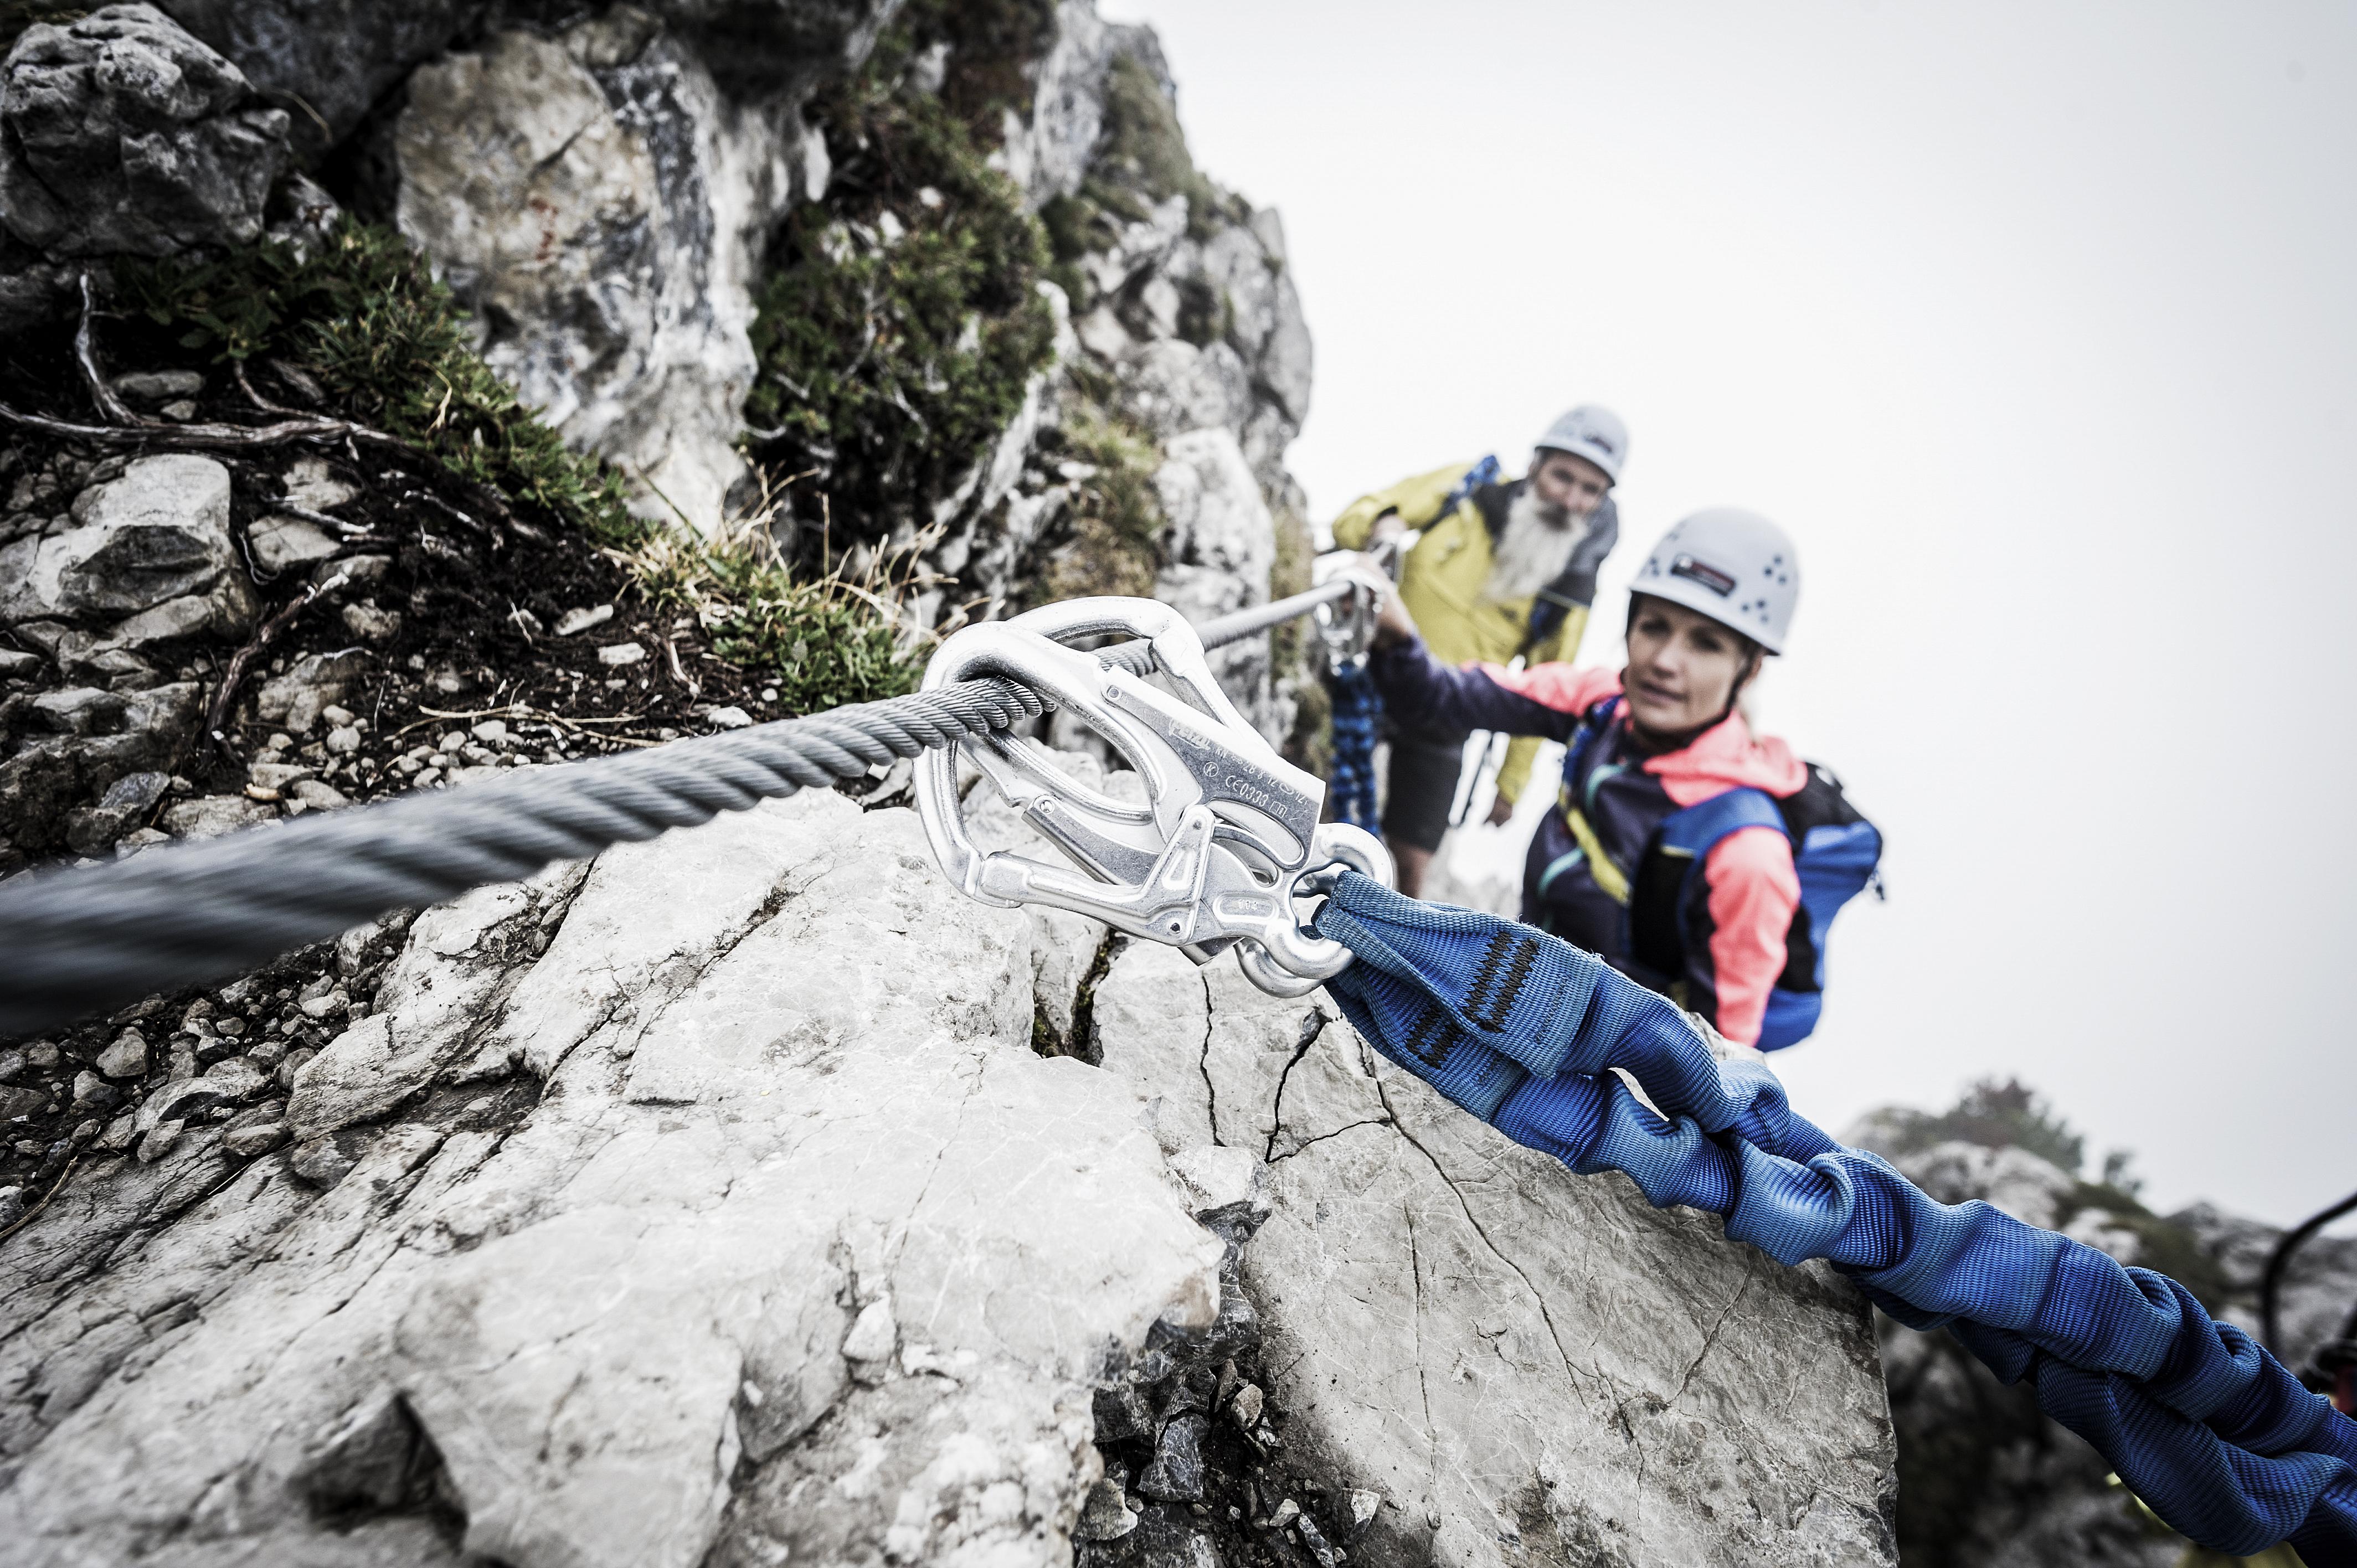 Kletterausrüstung Klettersteig : Klettern im kleinwalsertal klettersteige bergabenteuer